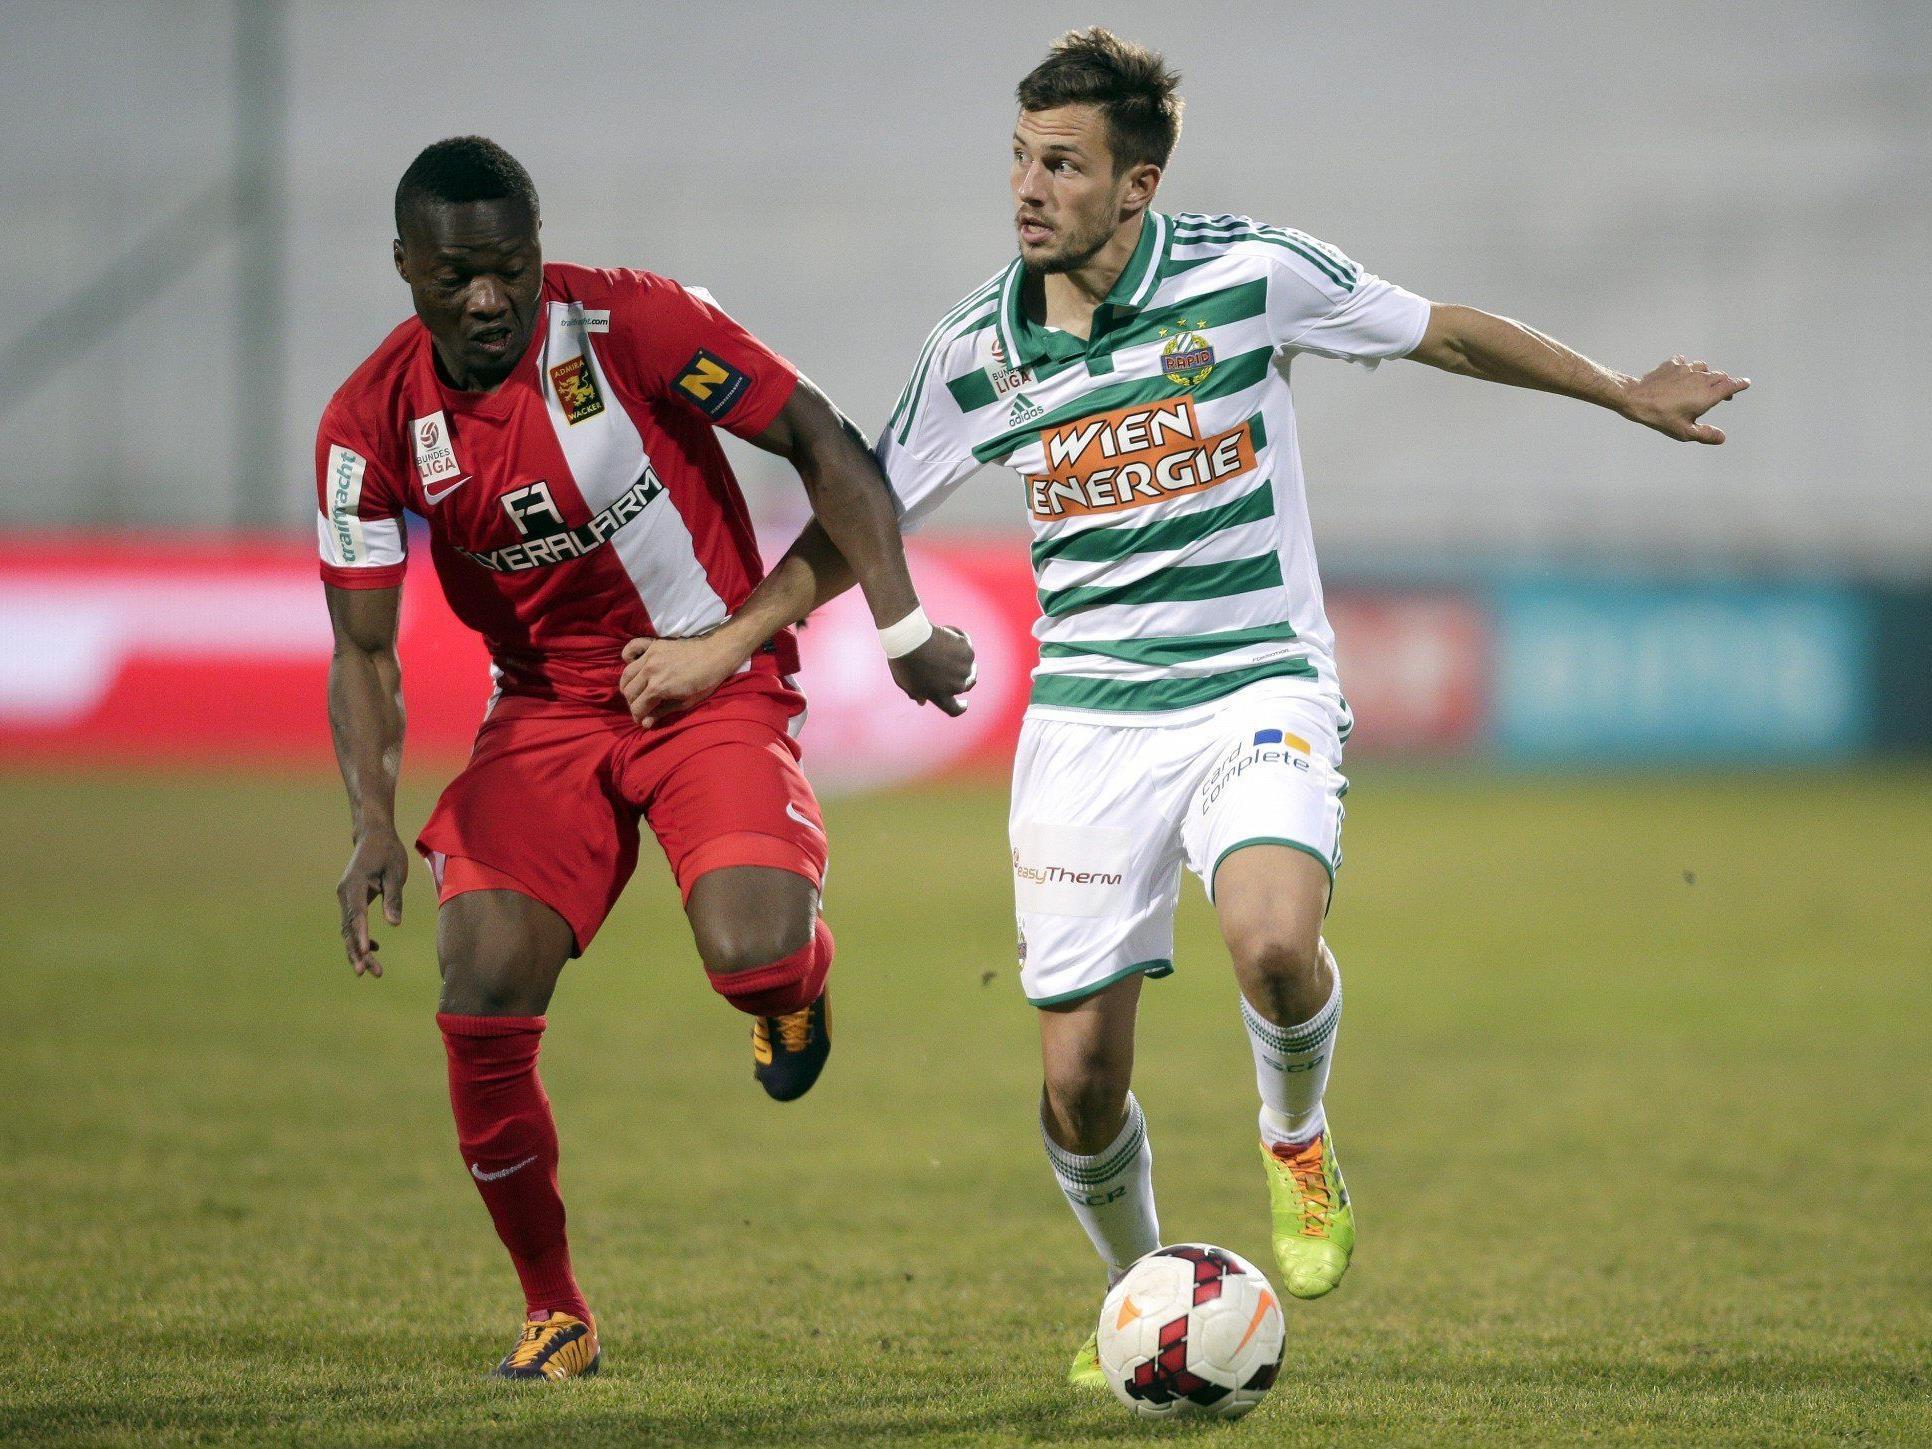 Rapid Wien unterlag am Sonntag Admira Wacker mit 1:2.